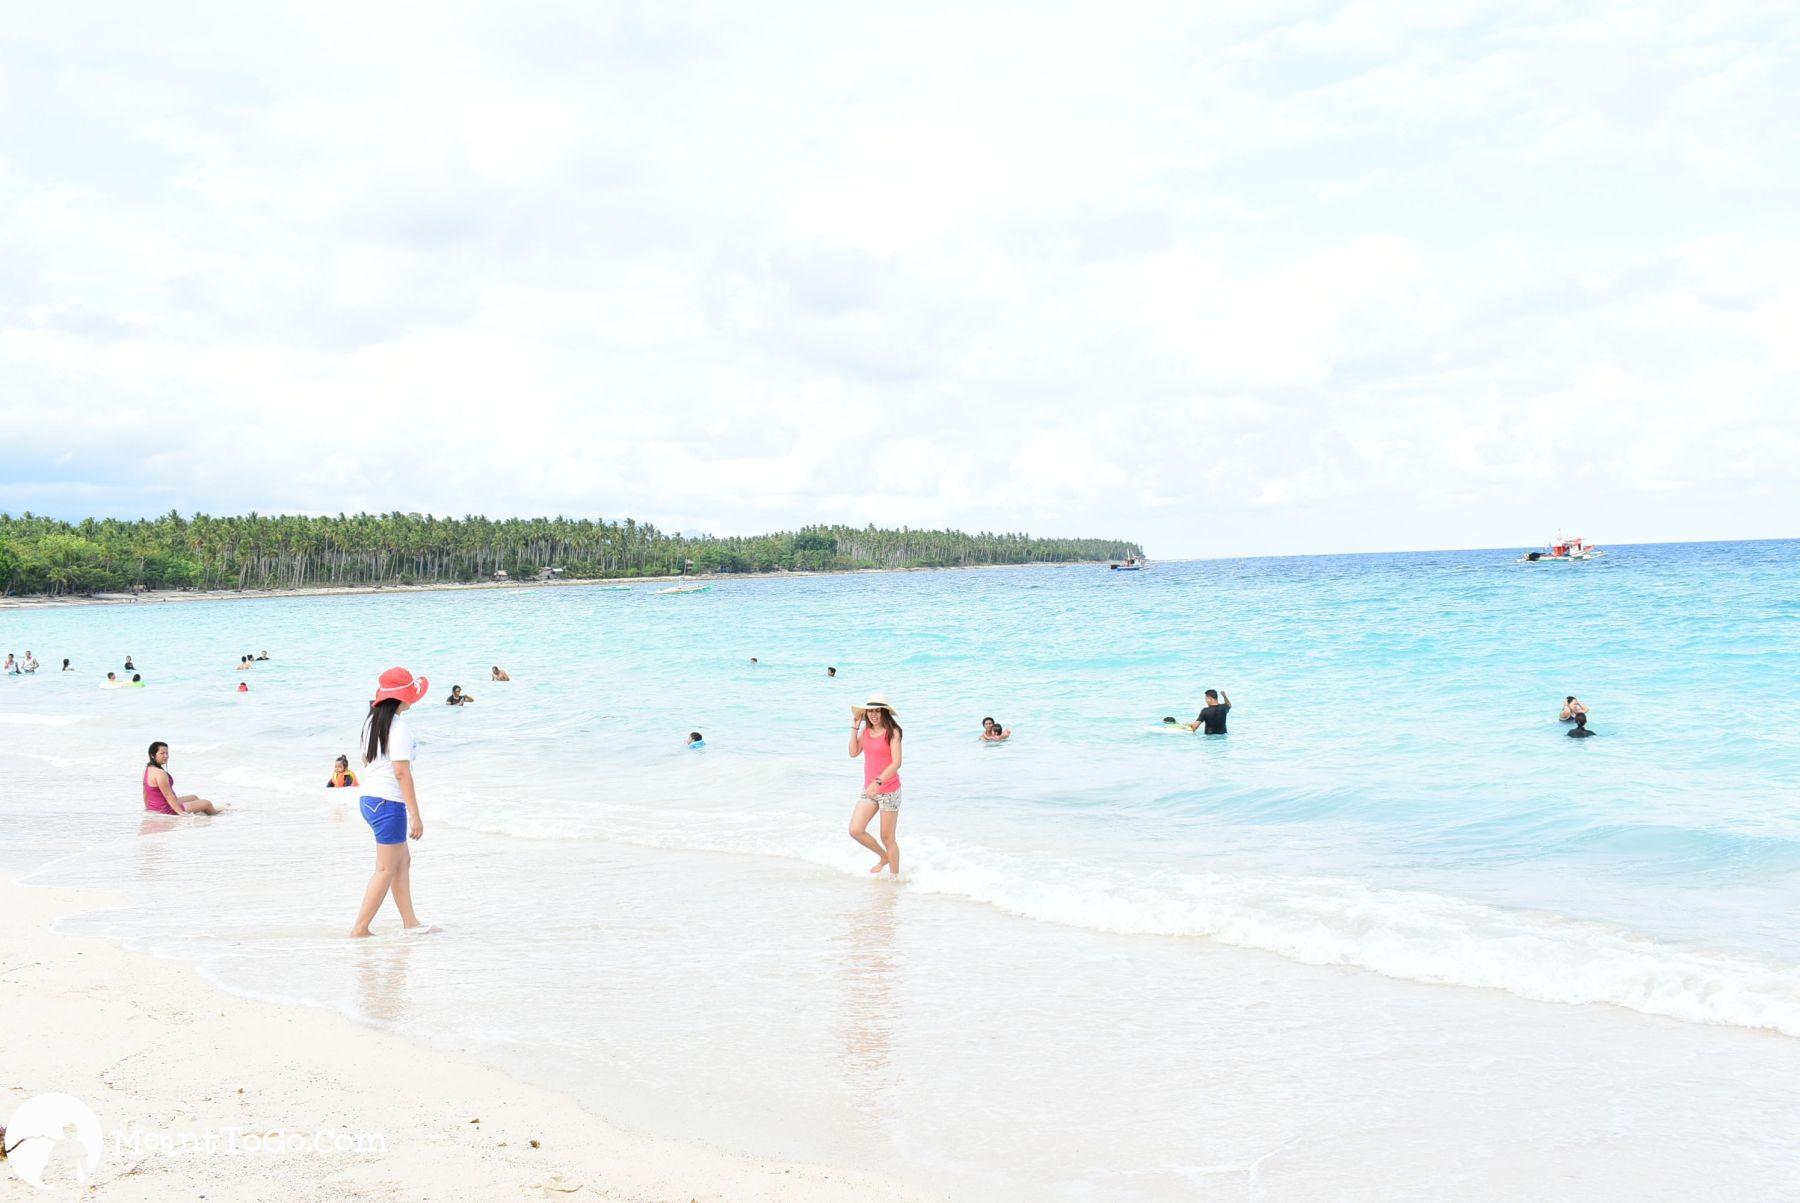 Dahican Beach, Mati, Davao Oriental